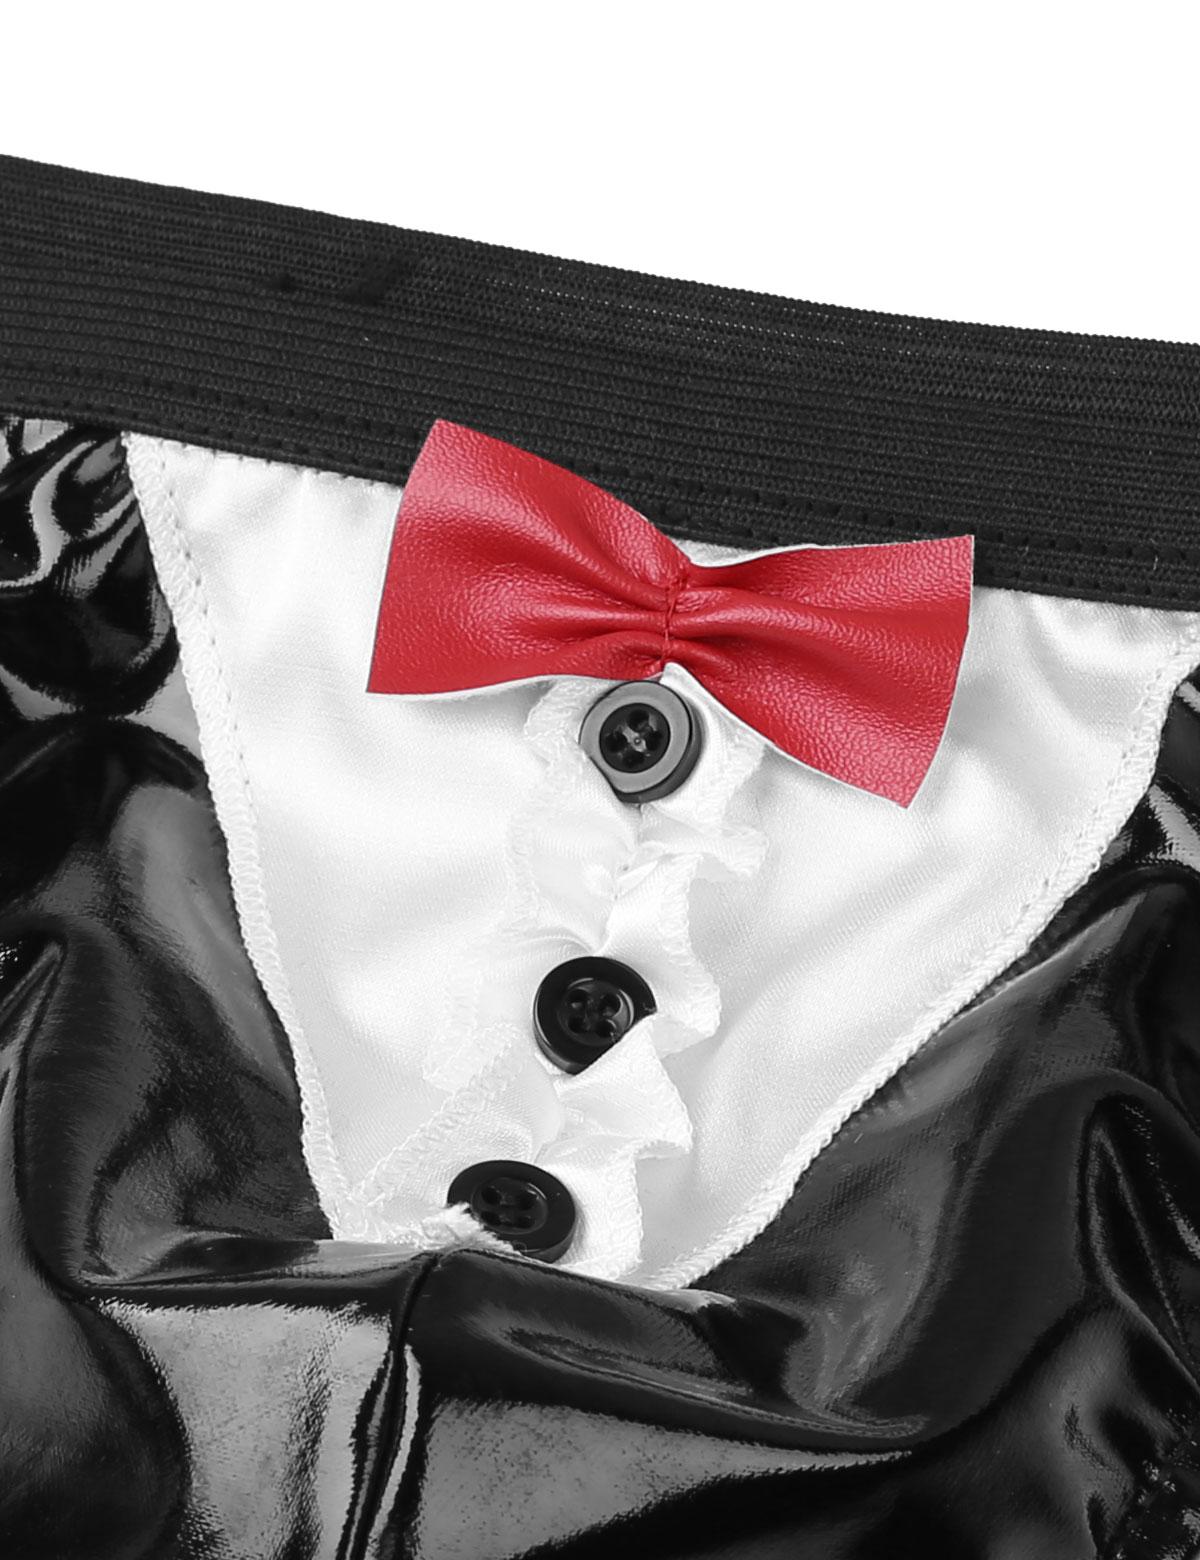 Мужские костюмы на Хэллоуин G-Strings Стринги Нижнее белье Трусики-бикини мужские гей пятна мужские трусики Мужское нижнее белье трусы купальник